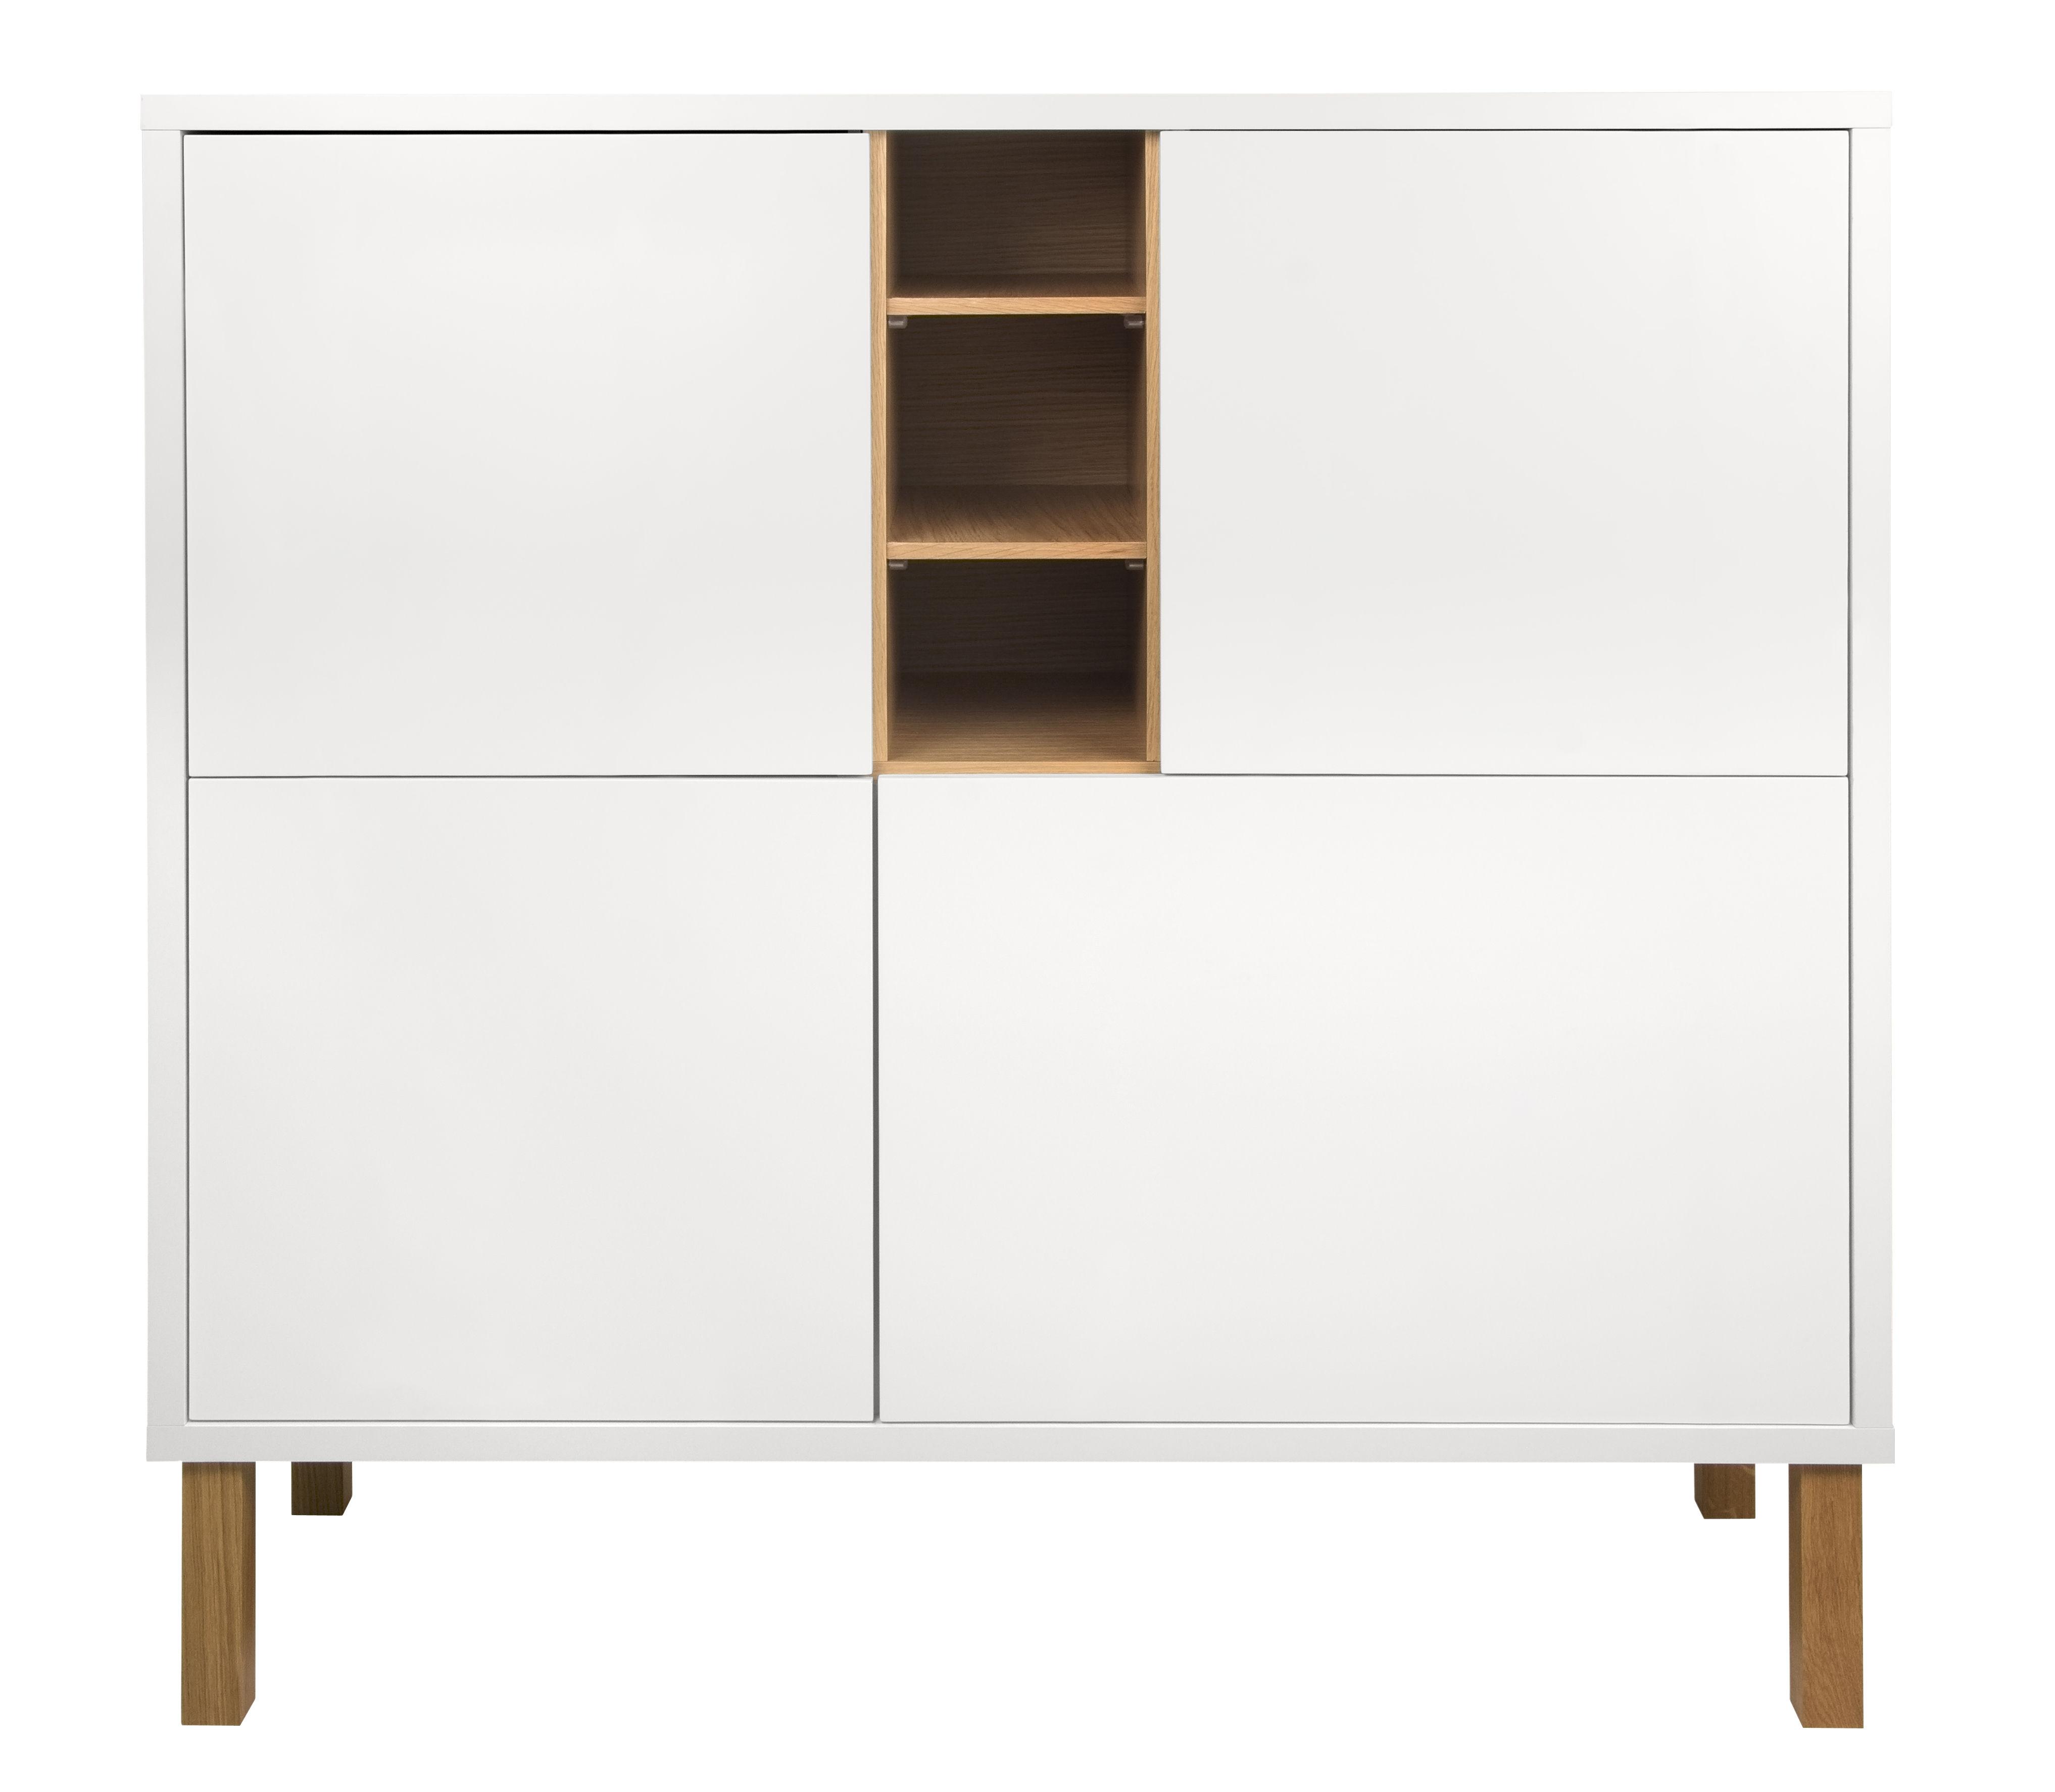 Möbel - Kommode und Anrichte - Cove Anrichte / hoch - L 128 cm x H 127 cm - POP UP HOME - Weiß / Eiche - massive Eiche, Placage chêne, Spanplatte, bemalt